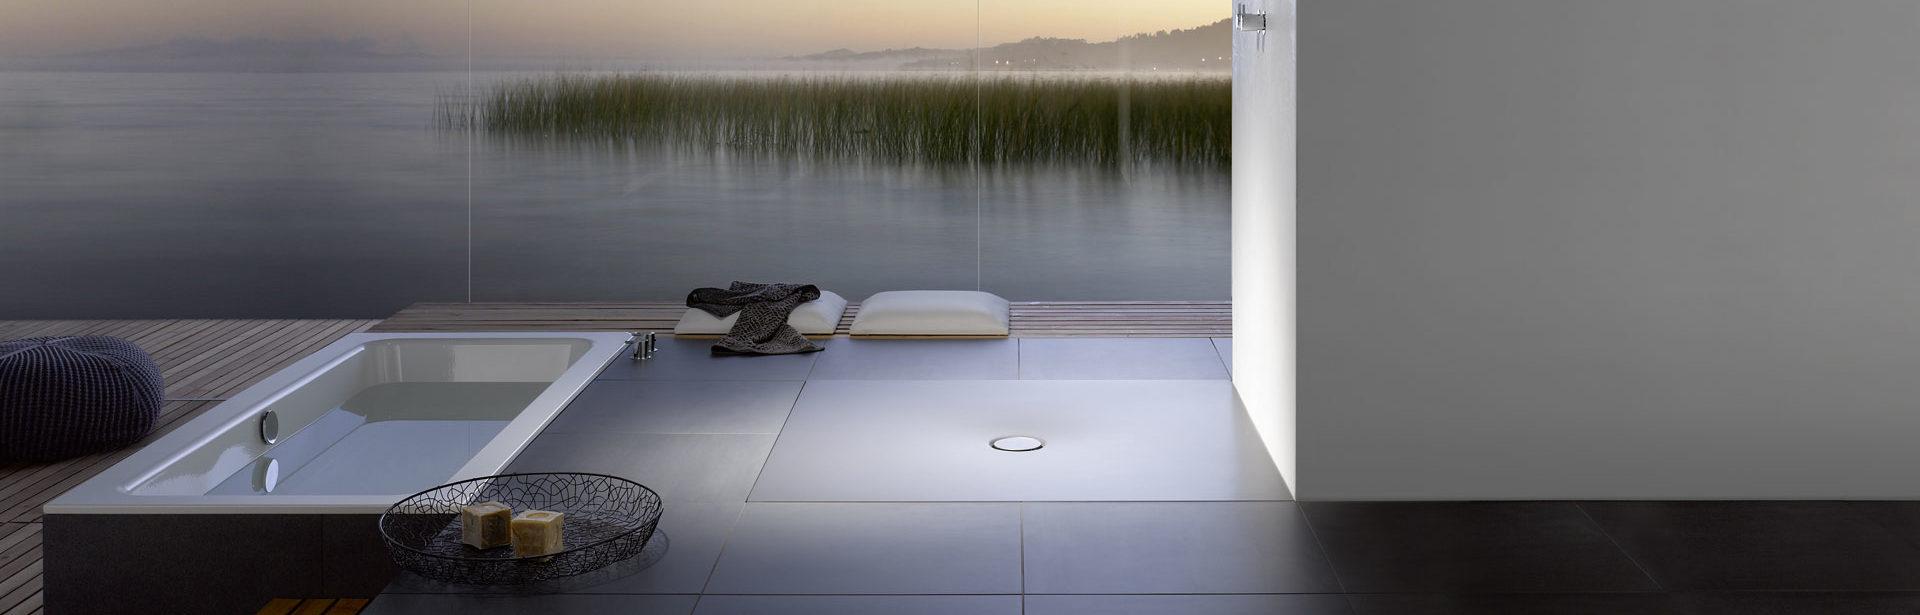 Bodengleiche Dusche mit durchgängiger Duschfläche